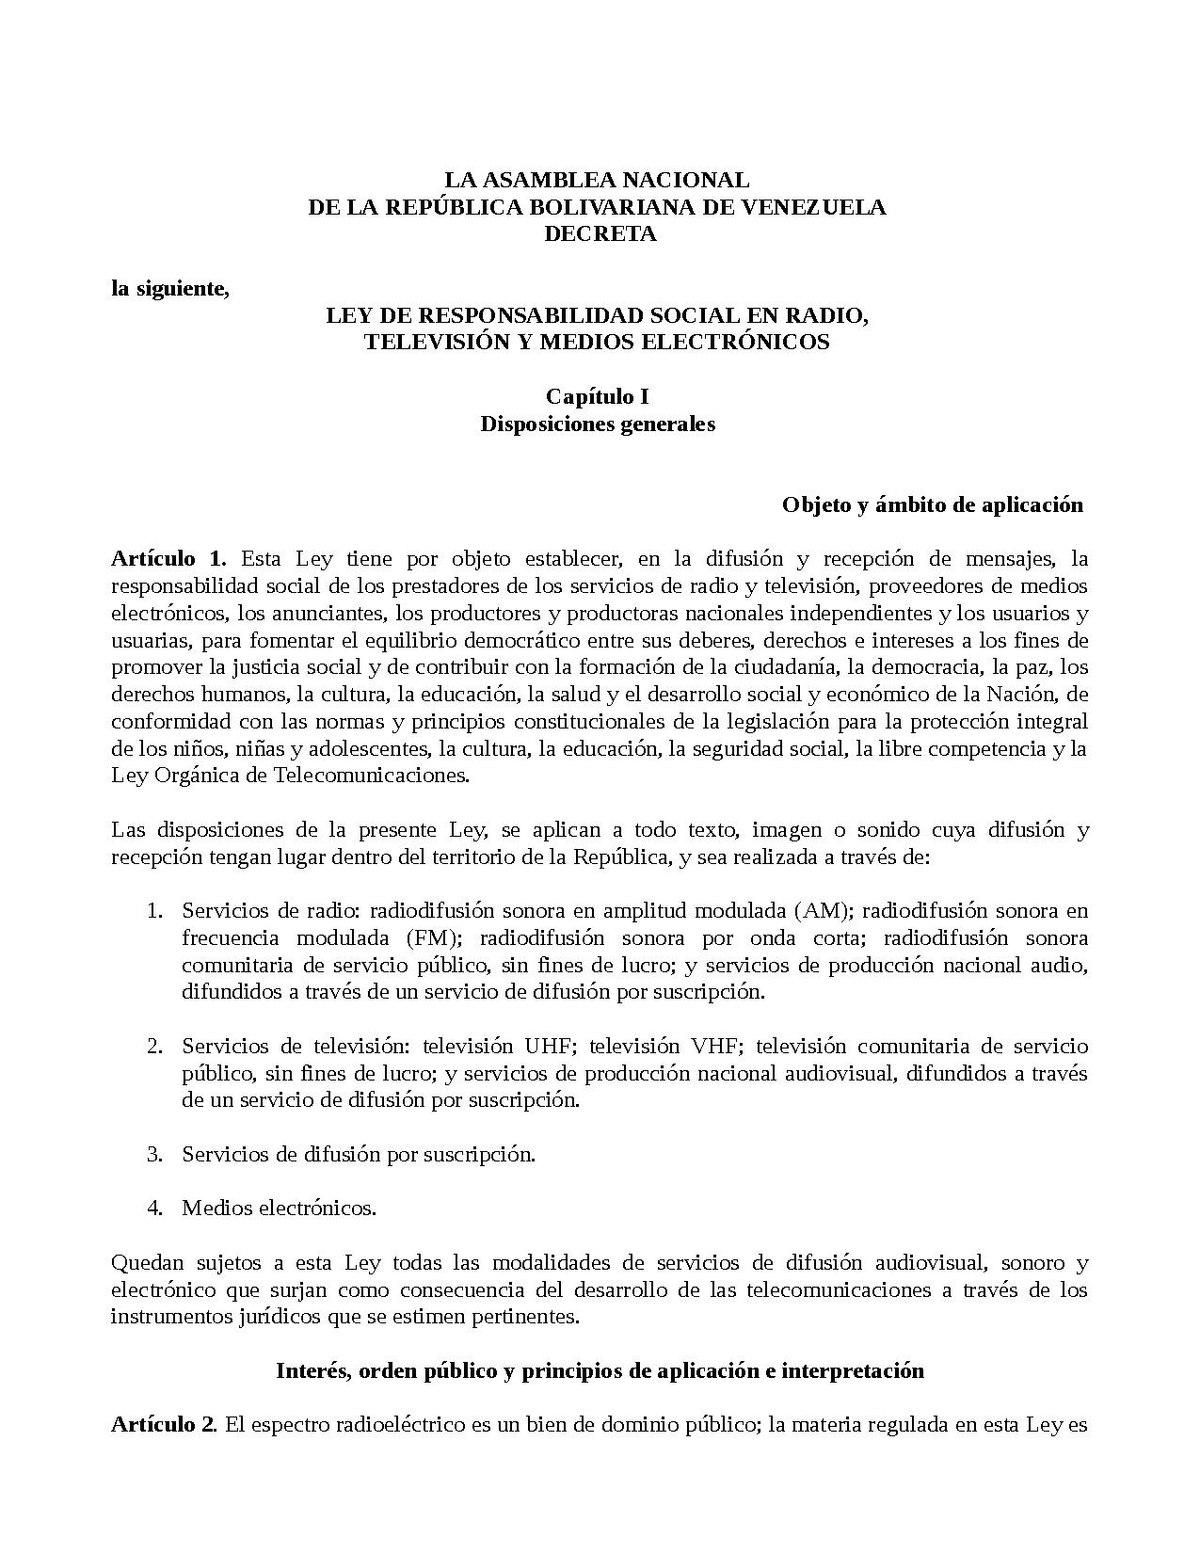 Ley de Responsabilidad Social en Radio y Televisión - Wikipedia, la ...